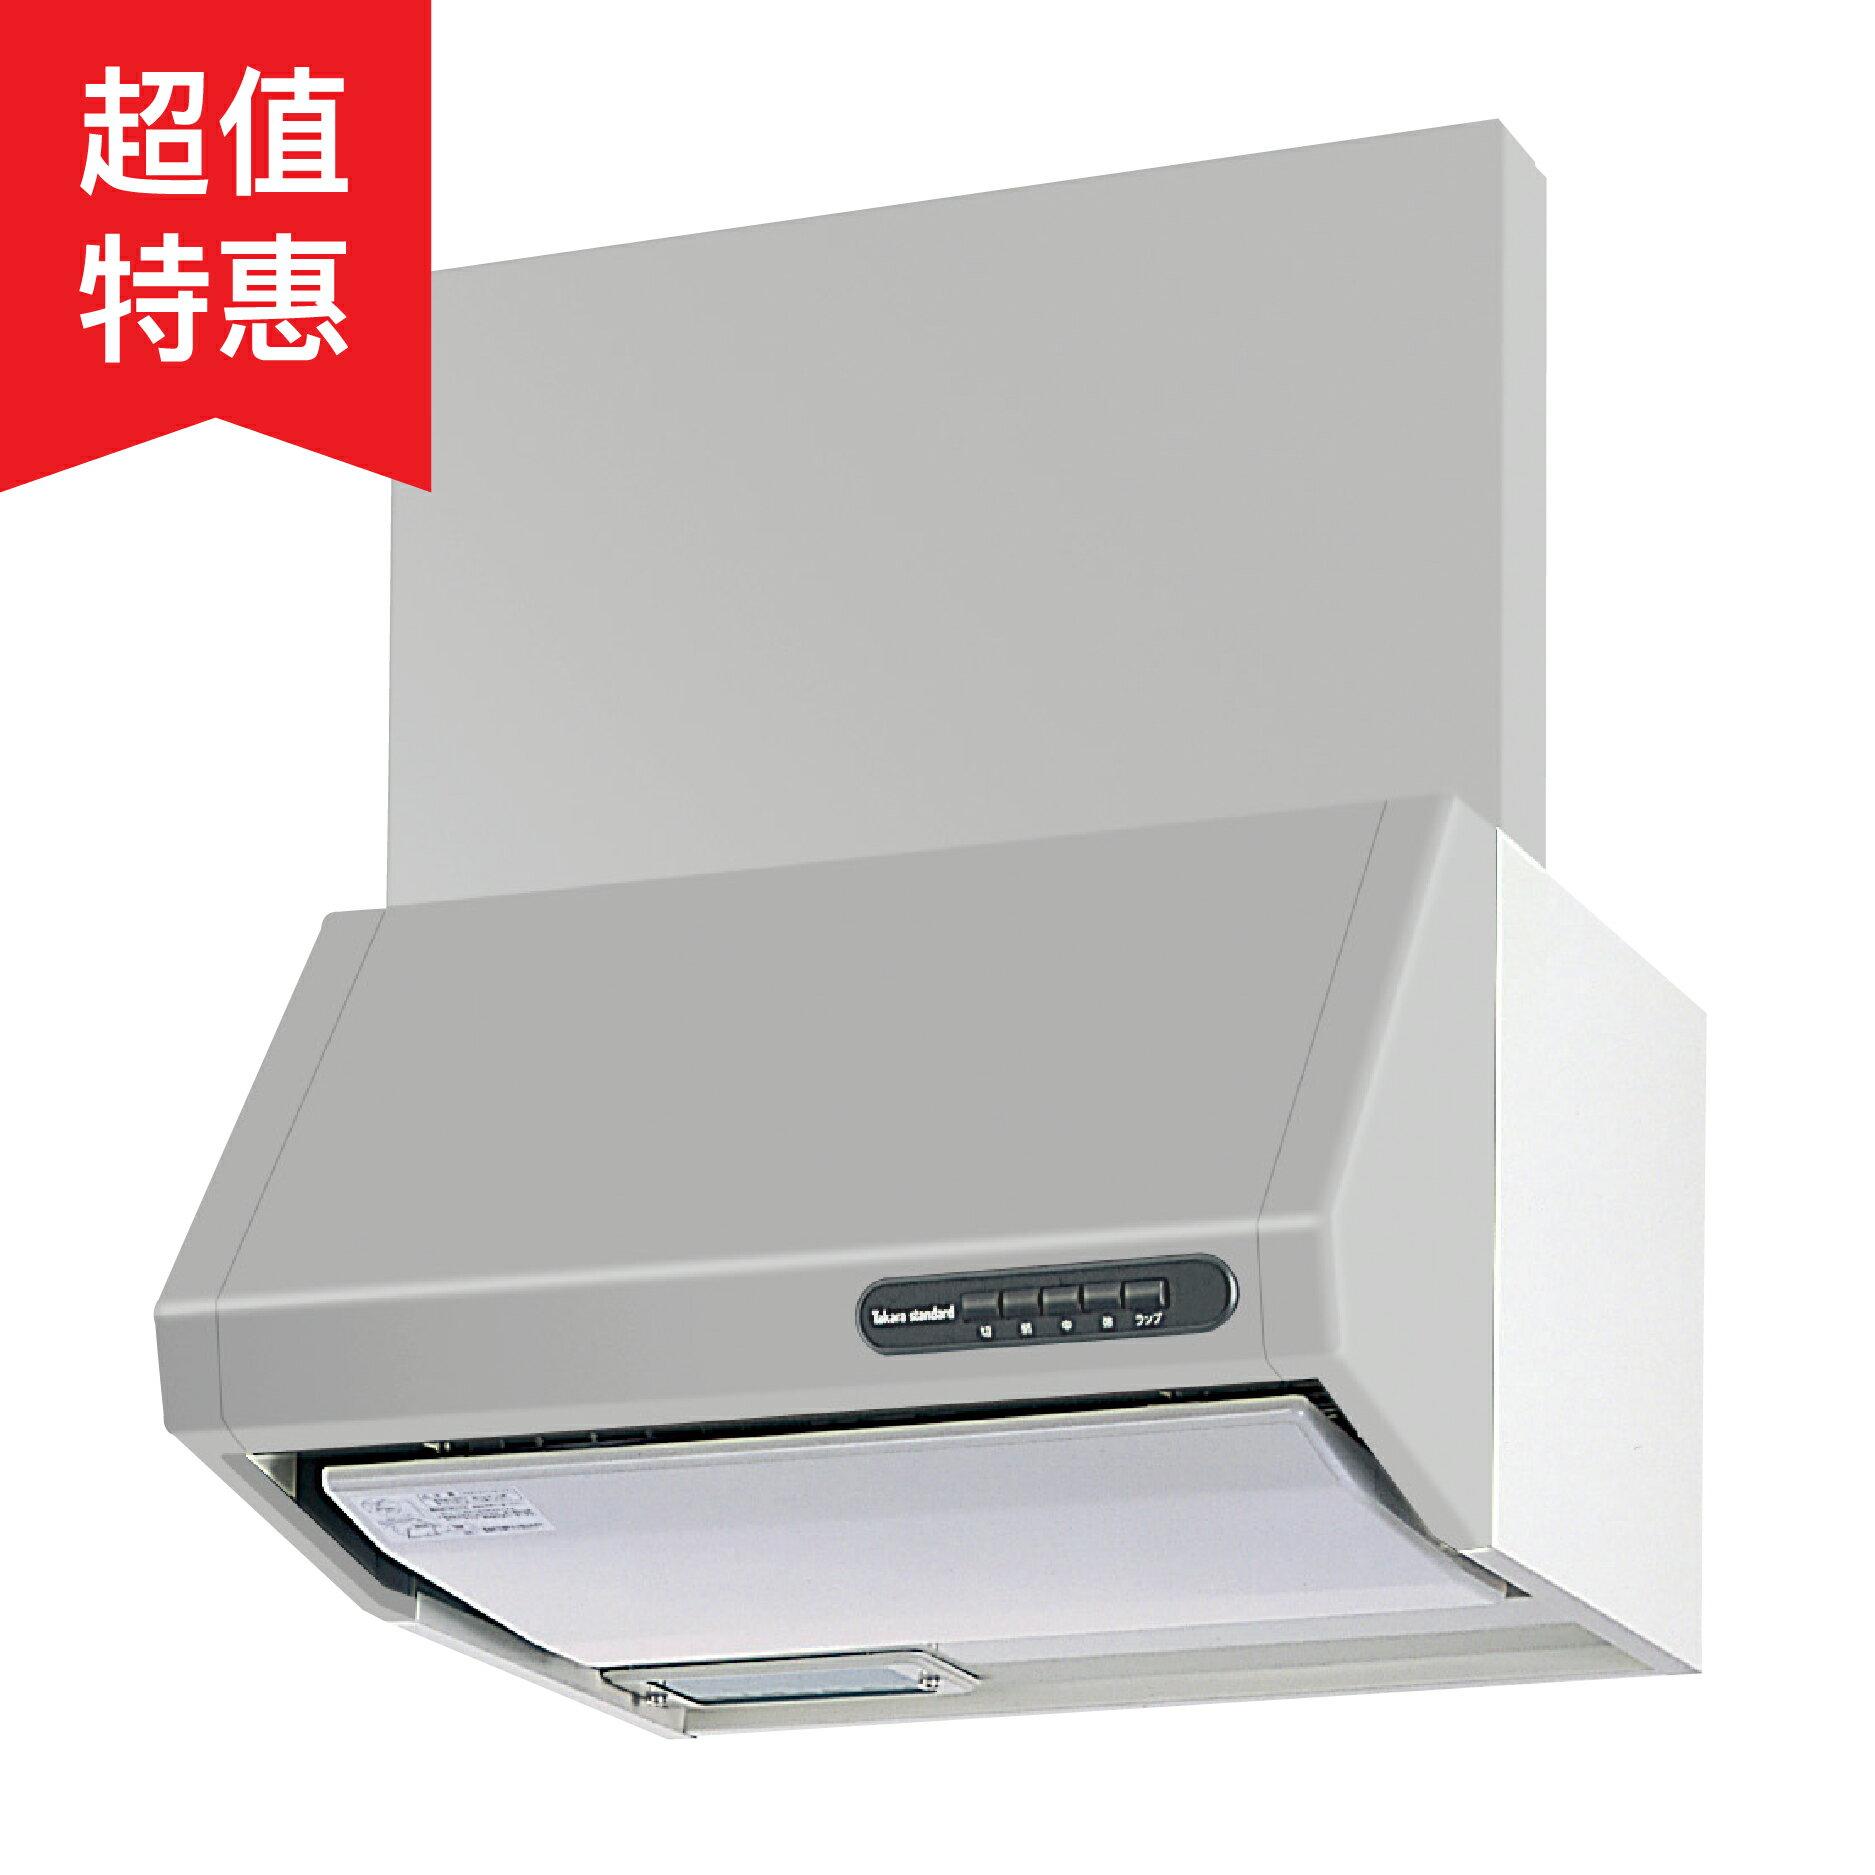 【預購】日本廚房用家電-Takara Standard 靜音環吸排油煙機【RUS90V】強大吸力,靜音除味,保持居家空氣清新